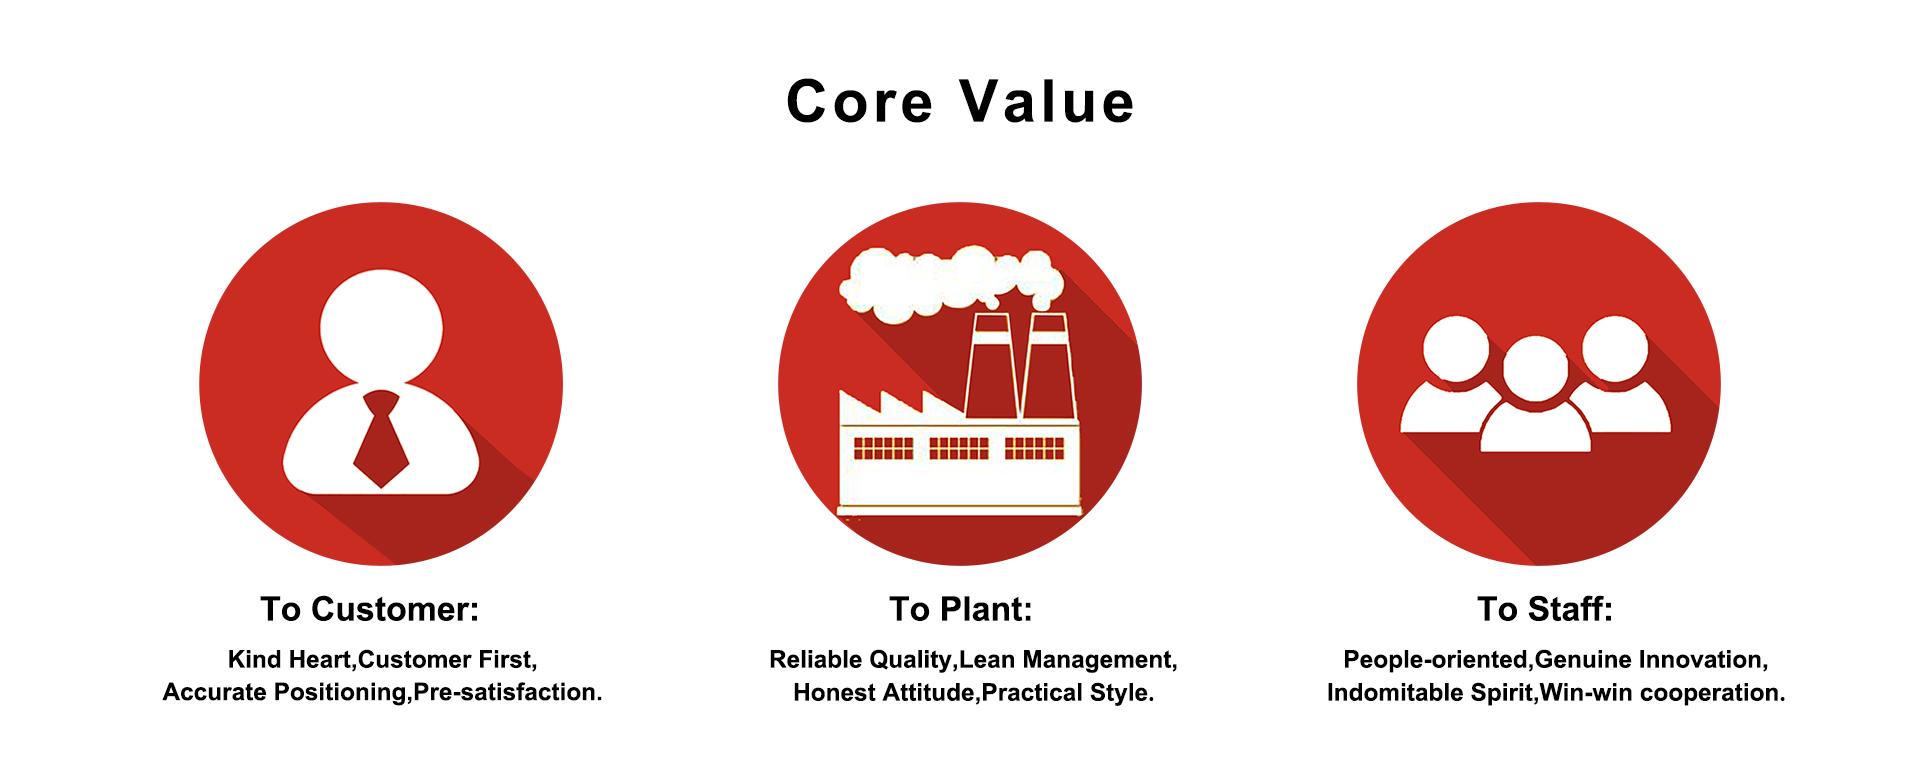 IVY METERING, core value.jpg